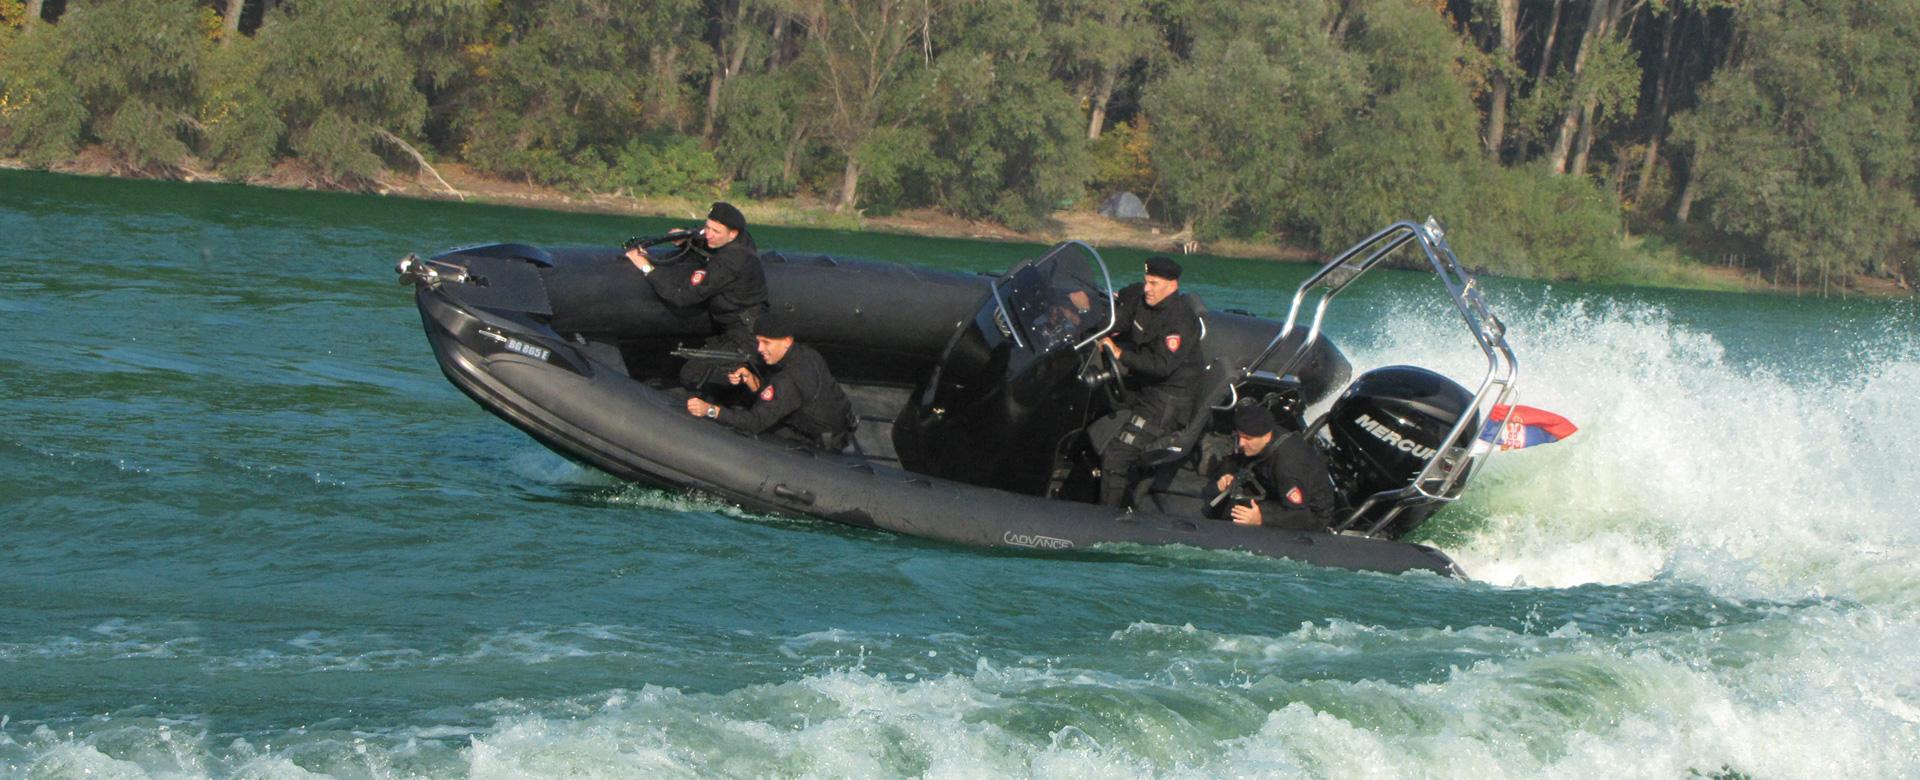 mrib-65-slide-1